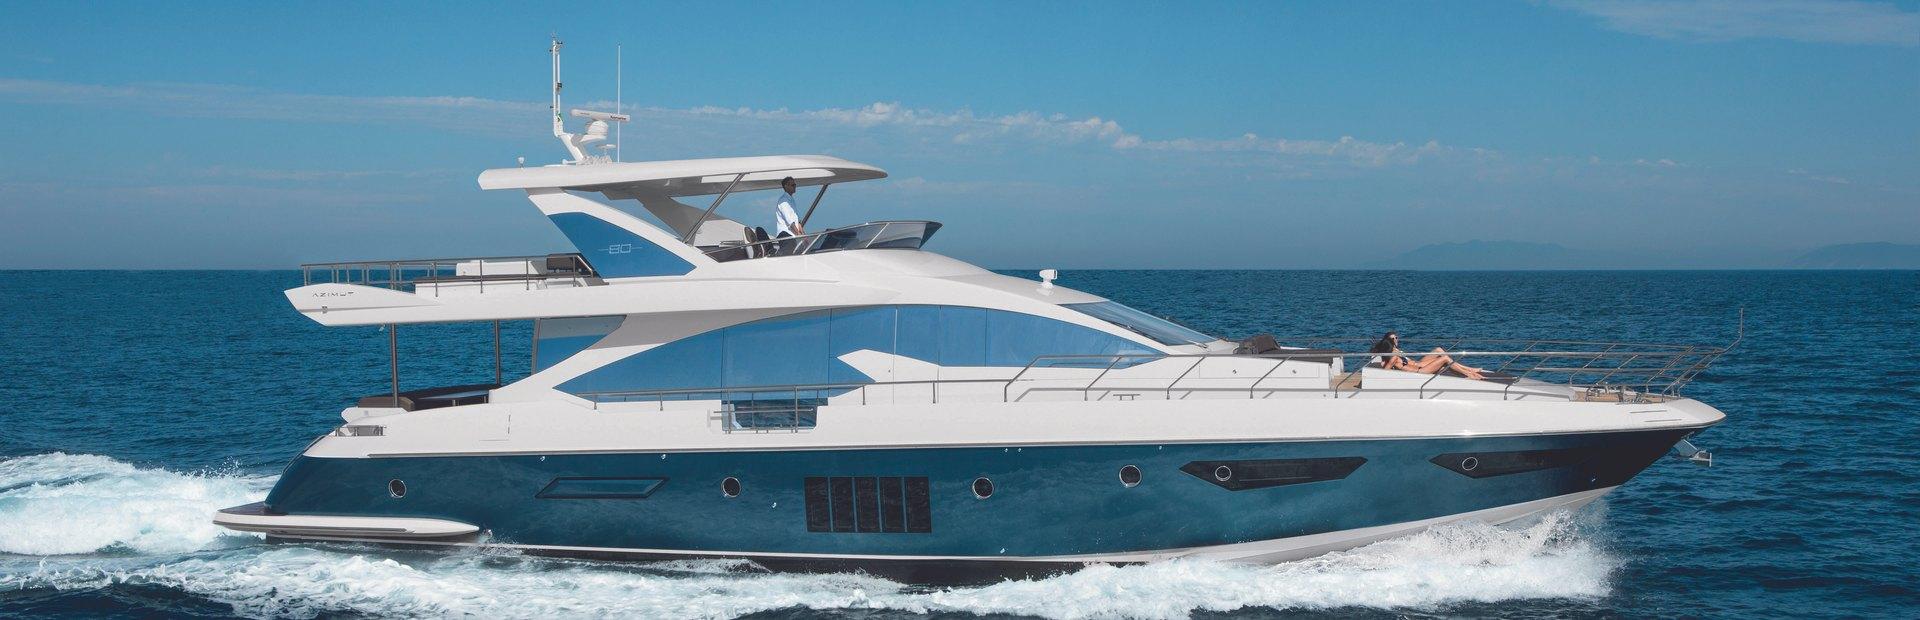 Azimut 80 Yacht Charter